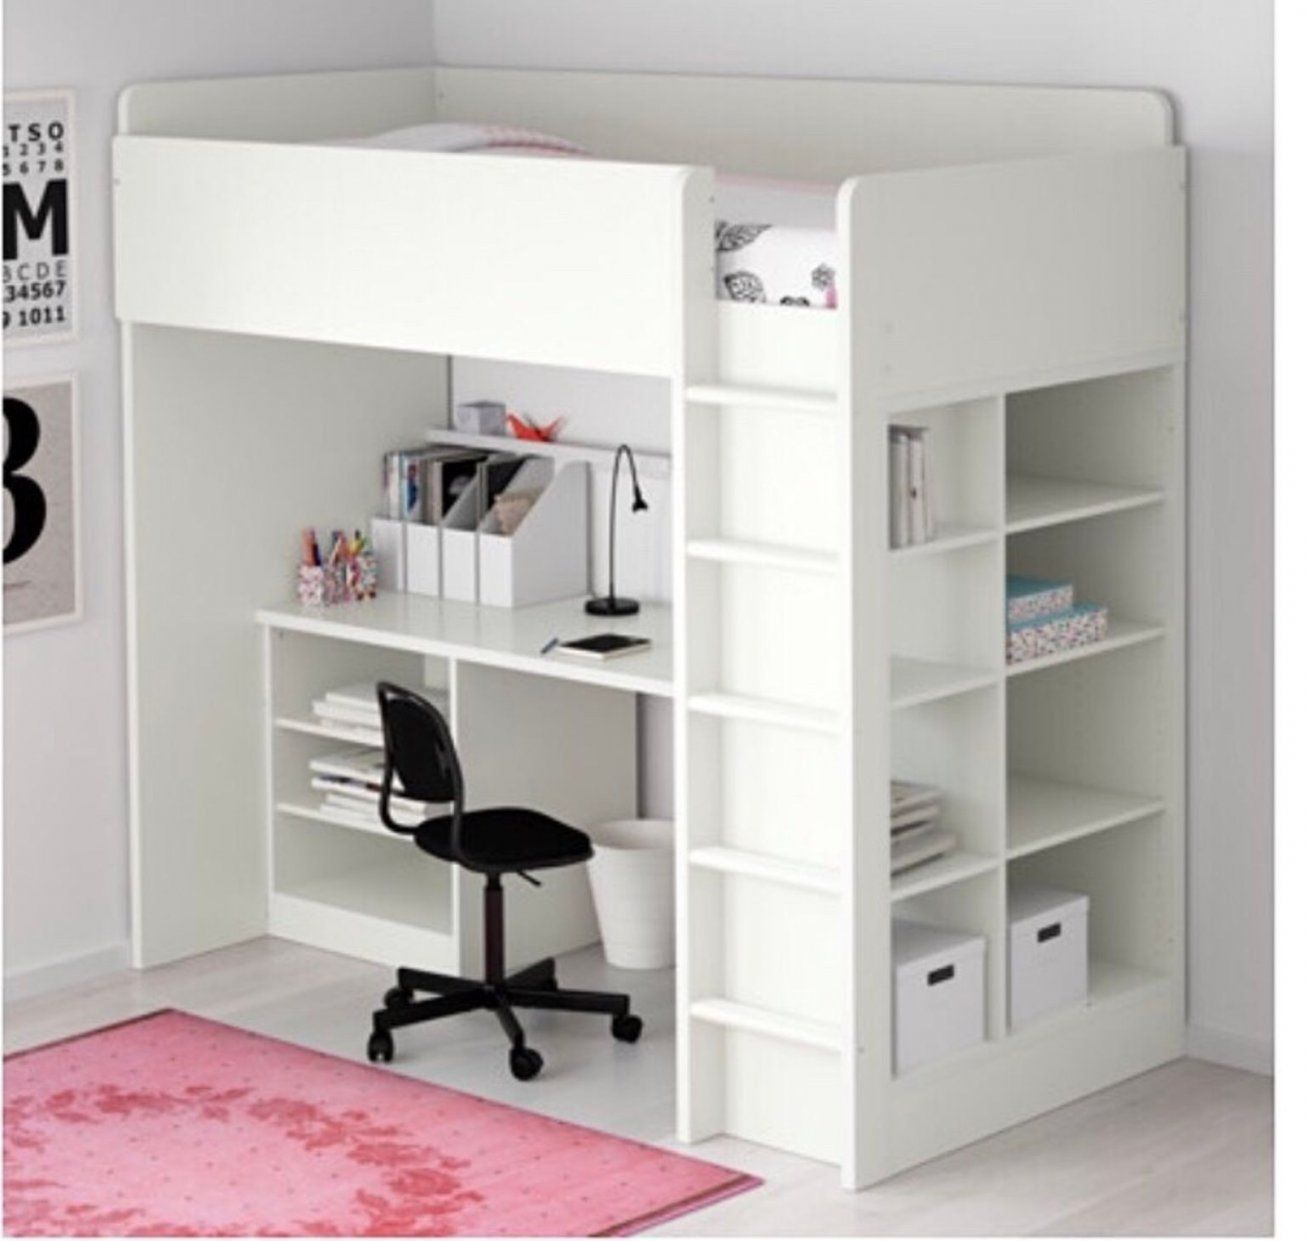 Gebraucht Stuva * Hochbett * Ikea * Schreibtisch * In 8682 von Hochbett Mit Schreibtisch Ikea Bild